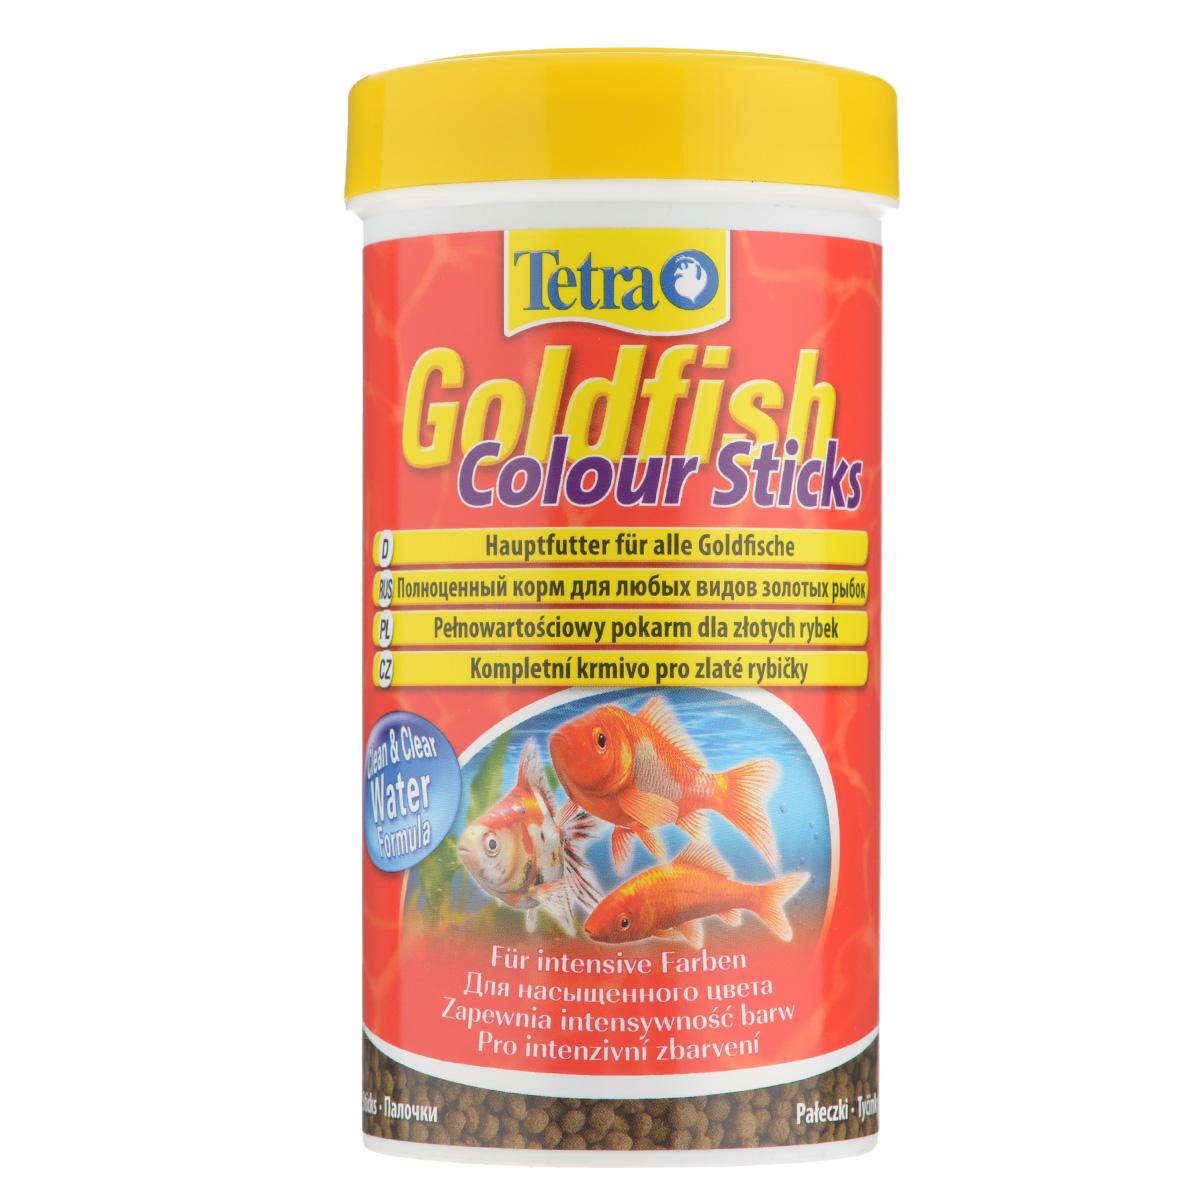 Корм сухой Tetra Goldfish Colour Sticks для любых видов золотых рыбок, в виде палочек, 250 мл0120710Корм Tetra Goldfish Colour Sticks - это высококачественный сбалансированный питательный корм для любых видов золотых рыбок. Превосходное качество корма - гарантия лучшего для ваших золотых рыбок. Особенности Tetra Goldfish Colour Sticks:усилители цвета обеспечивают яркую и интенсивную окраску,формула Clean & Clean Water и запатентованная формула BioActive - для поддержания здоровья и продолжительности жизни. Рекомендации по кормлению: кормить несколько раз в день маленькими порциями. Характеристики: Состав: рыба и побочные рыбные продукты, экстракты растительного белка, зерновые культуры, растительные продукты, овощи, дрожжи, моллюски и раки, масла и жиры, водоросли (спирулина максима 6,0%), минеральные вещества.Пищевая ценность: сырой белок - 30%, сырые масла и жиры - 6%, сырая клетчатка - 2,0%, влага - 8%.Добавки: витамины, провитамины и химические вещества с аналогичным воздействием: витамин А 30000 МЕ/кг, витамин Д3 1870 МЕ/кг. Комбинации элементов: Е5 Марганец 81 мг/кг, Е6 Цинк 48 мг/кг, Е1 Железо 32 мг/кг, Е3 Кобальт 0,6 мг/кг. Красители, консерванты, антиоксиданты. Вес: 250 мл (75 г).